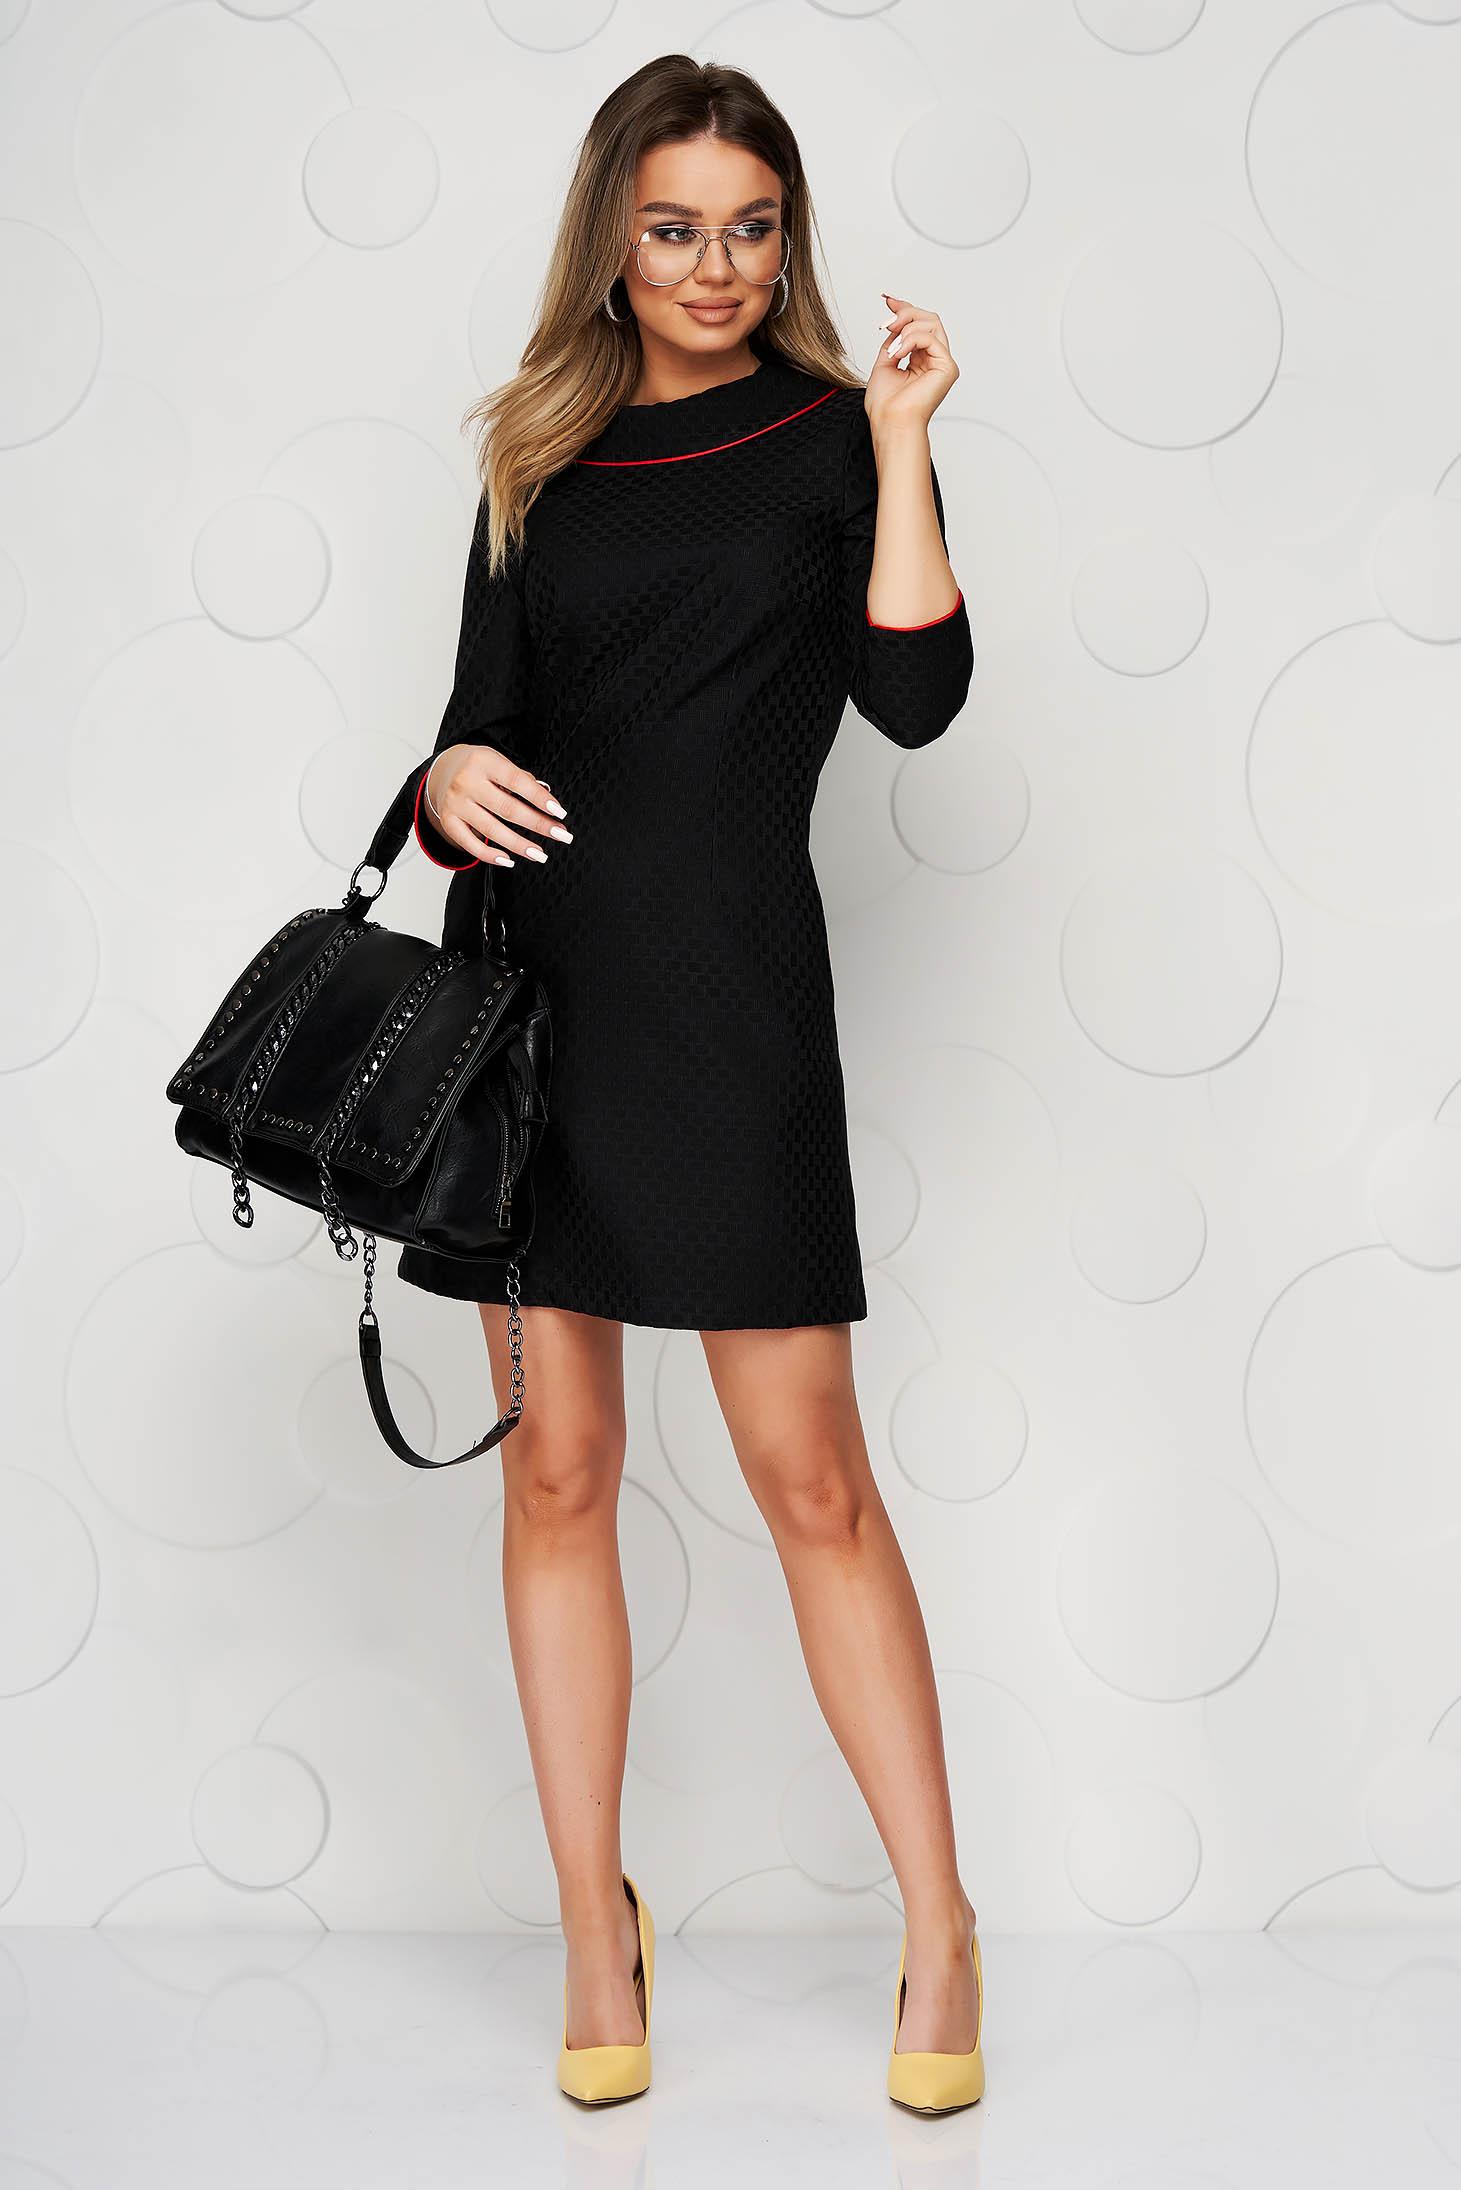 Rochie neagra din material usor elastic cu un croi drept guler dublat si buzunare